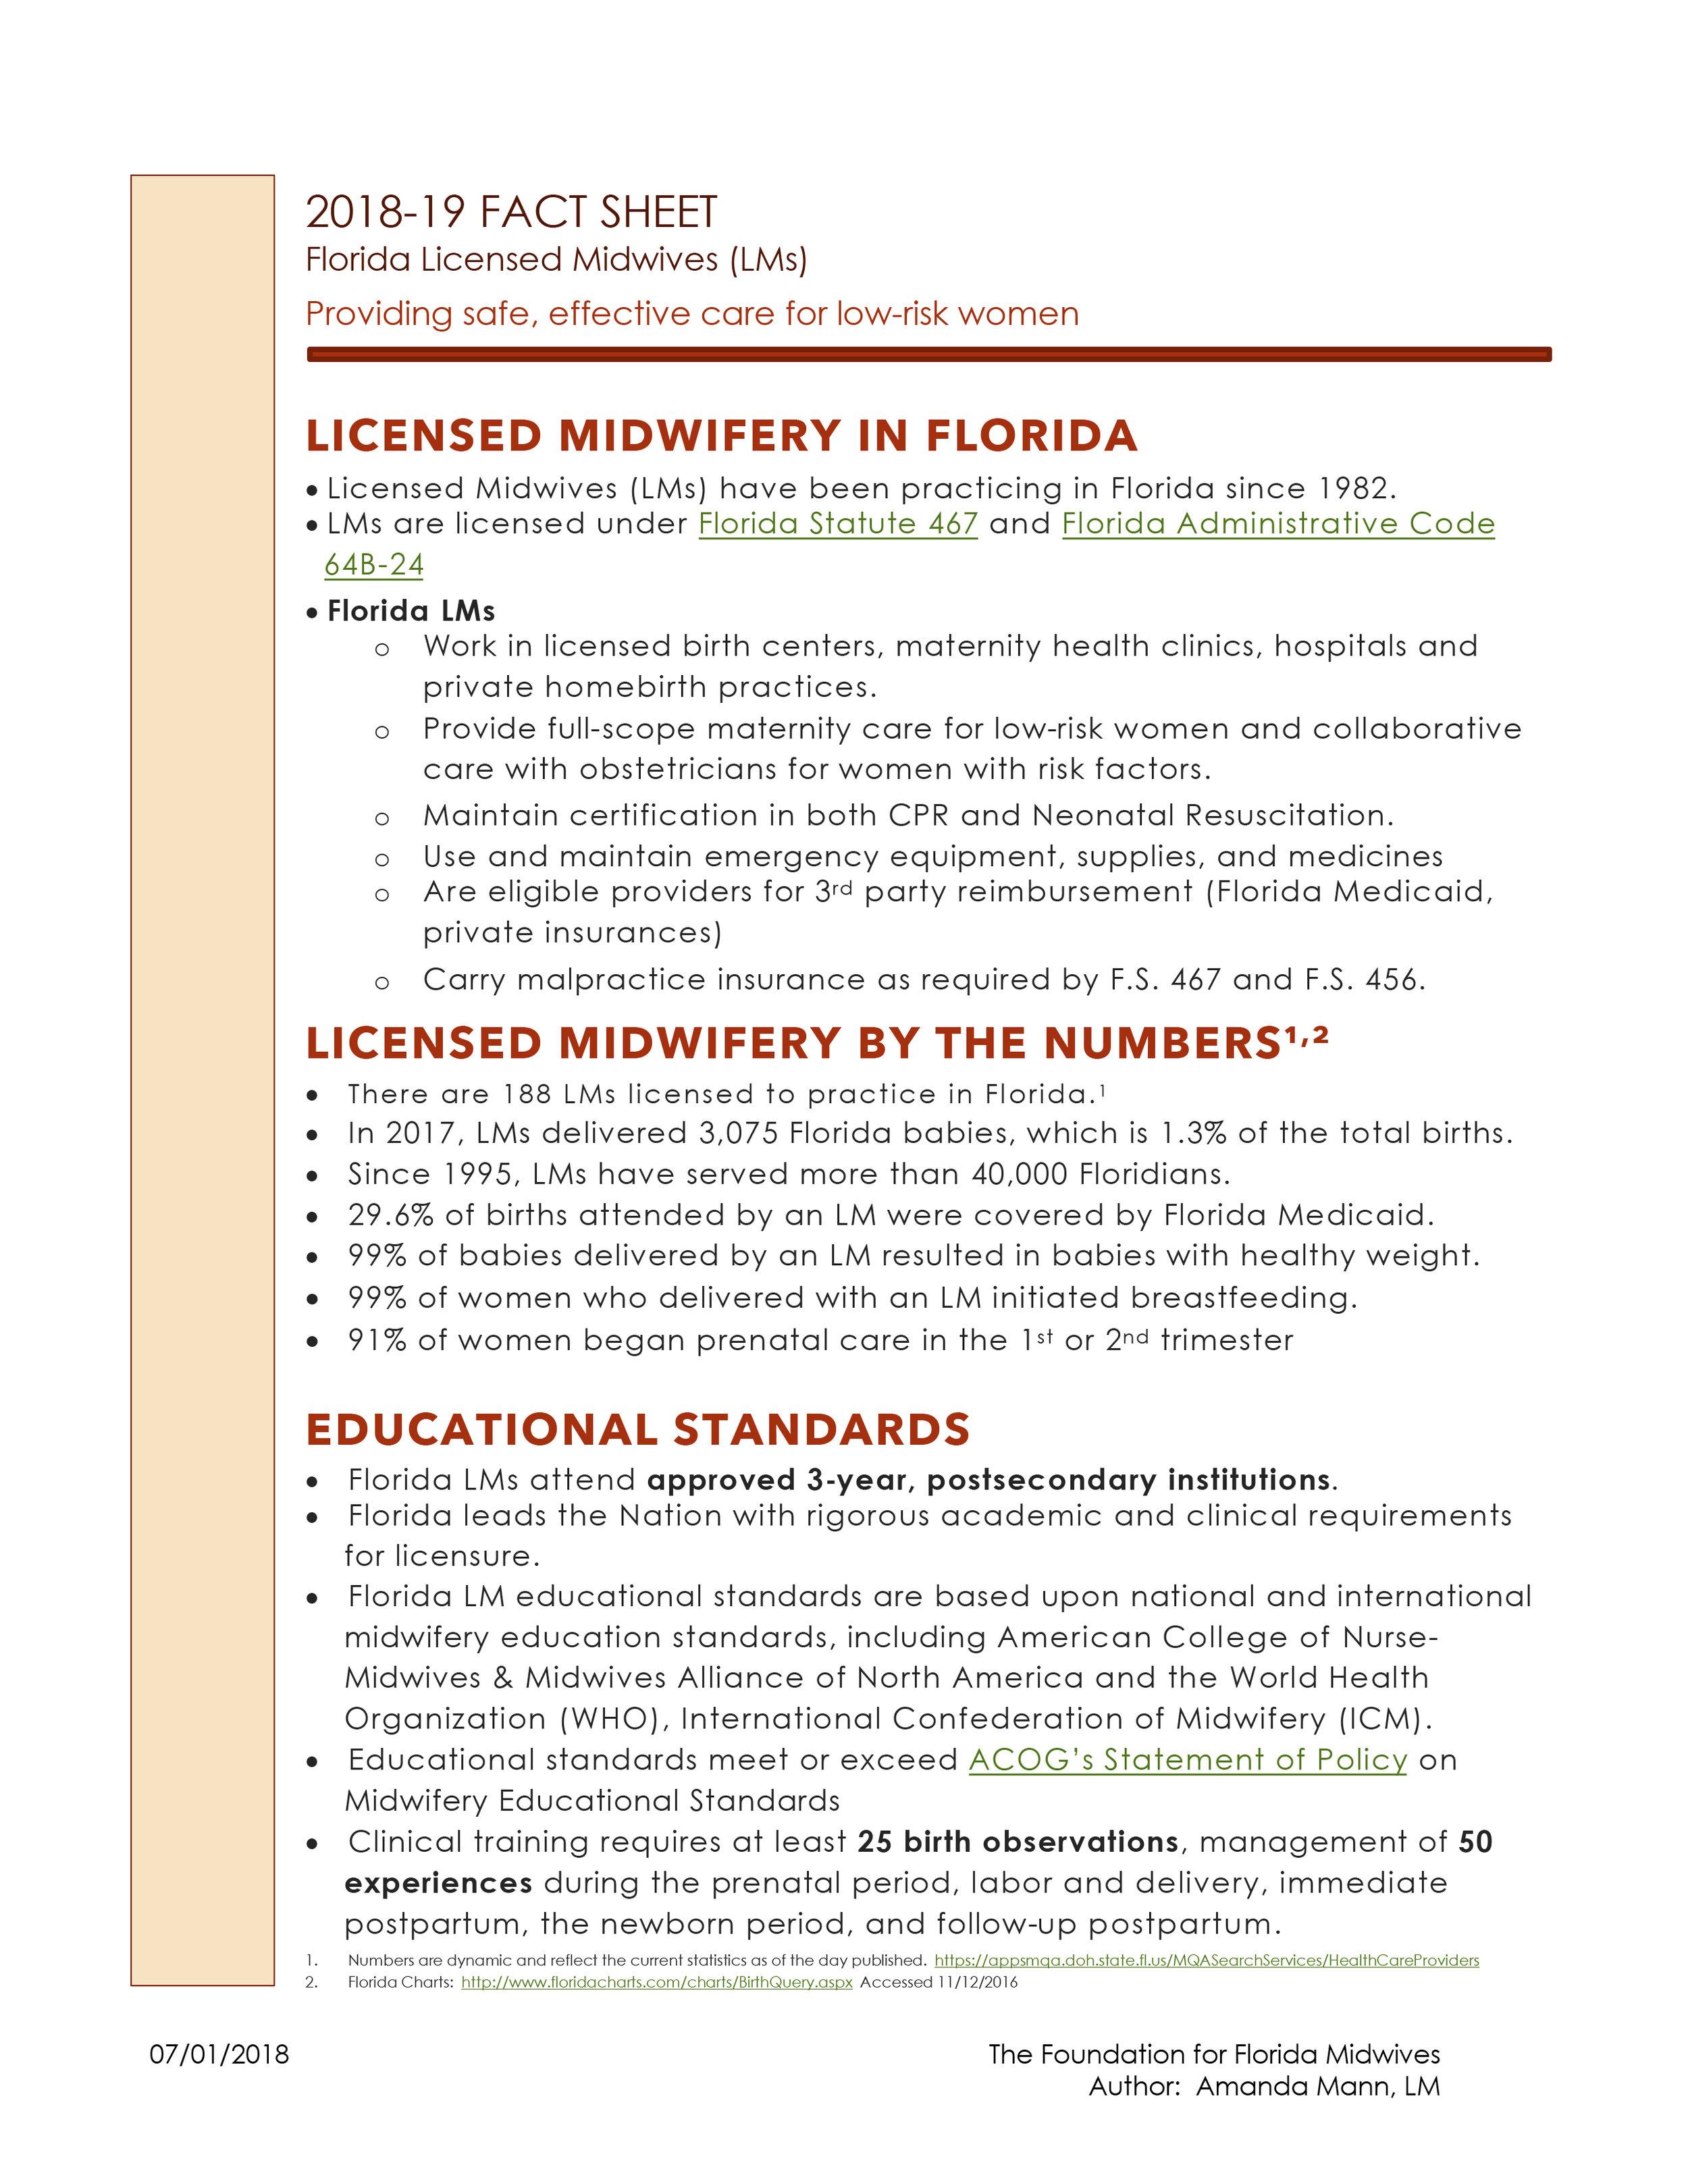 2018 LM Fact Sheet.jpg